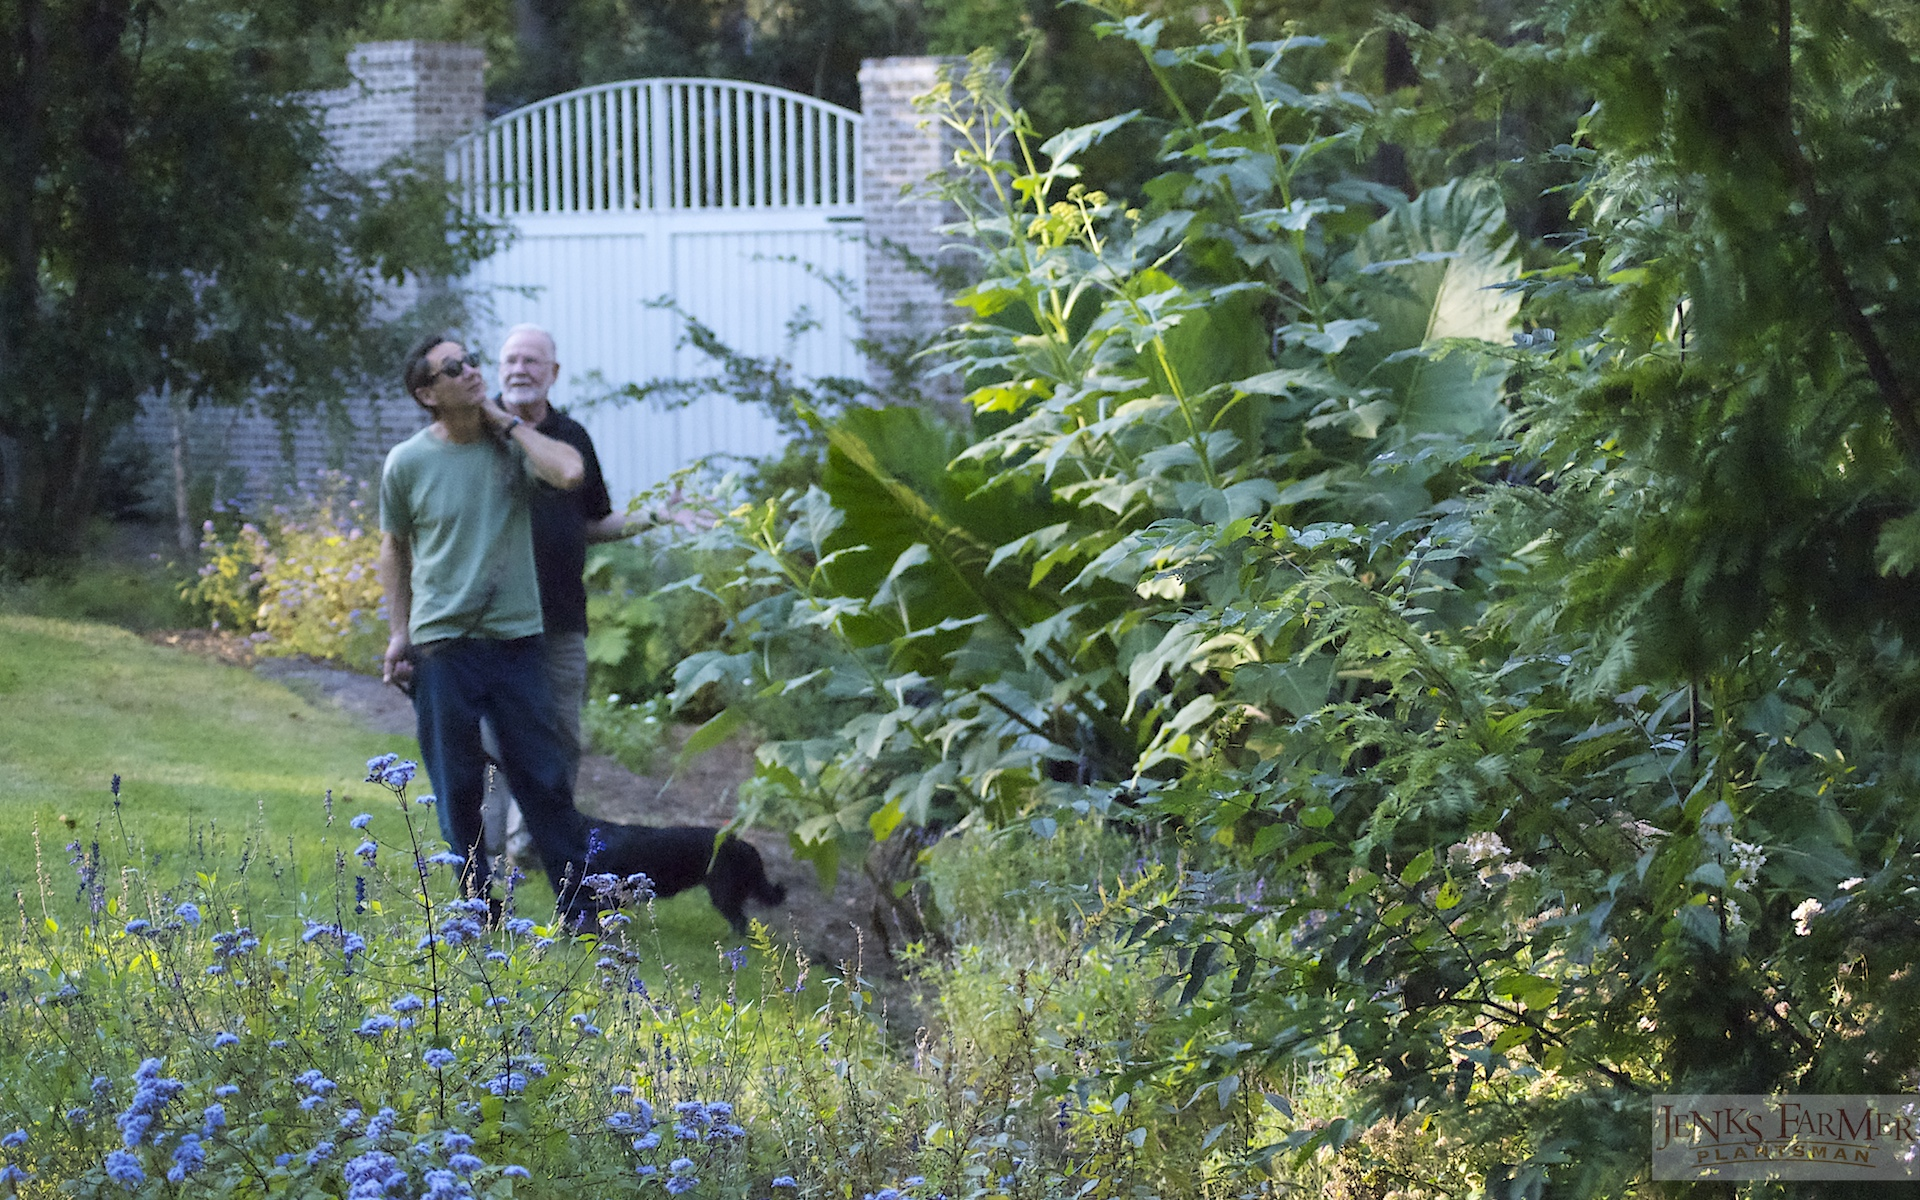 Garden Shared between Three Families